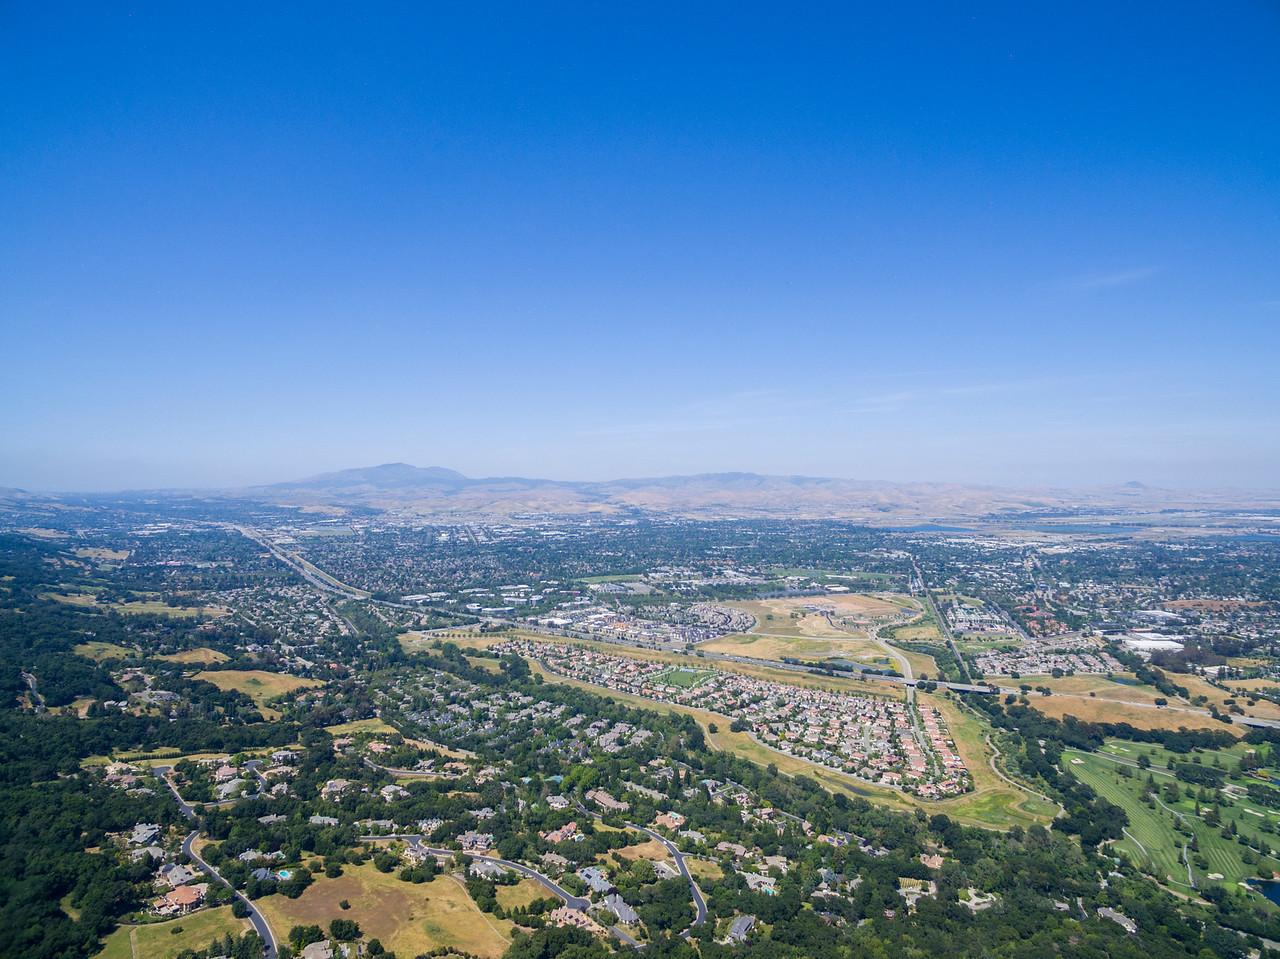 Aerial Scenery. Highway seen is Interstate 680. Augustin Bernal Park - Pleasanton, CA, USA